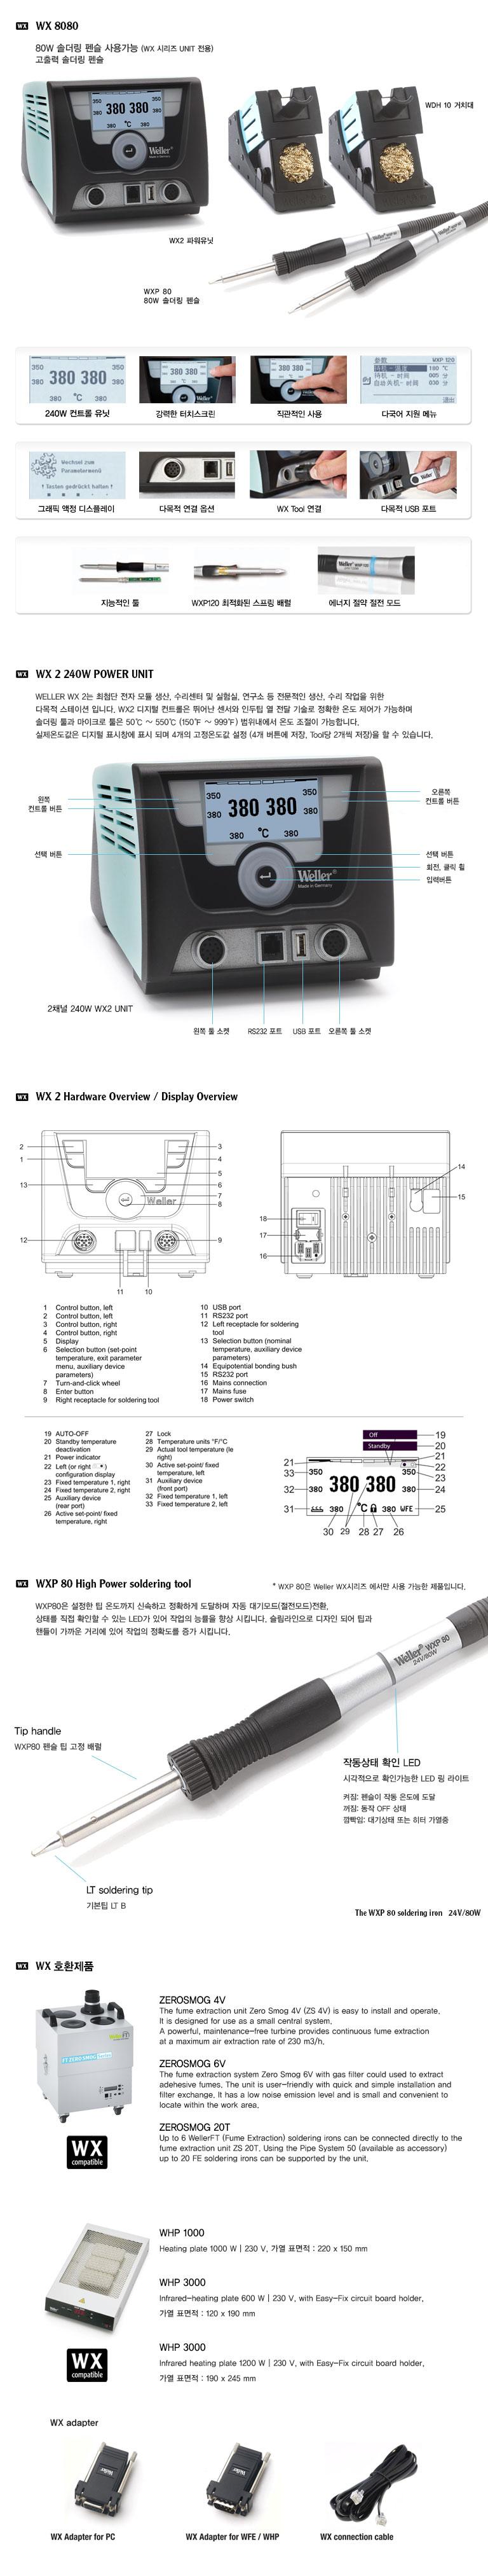 WX8080_02.jpg